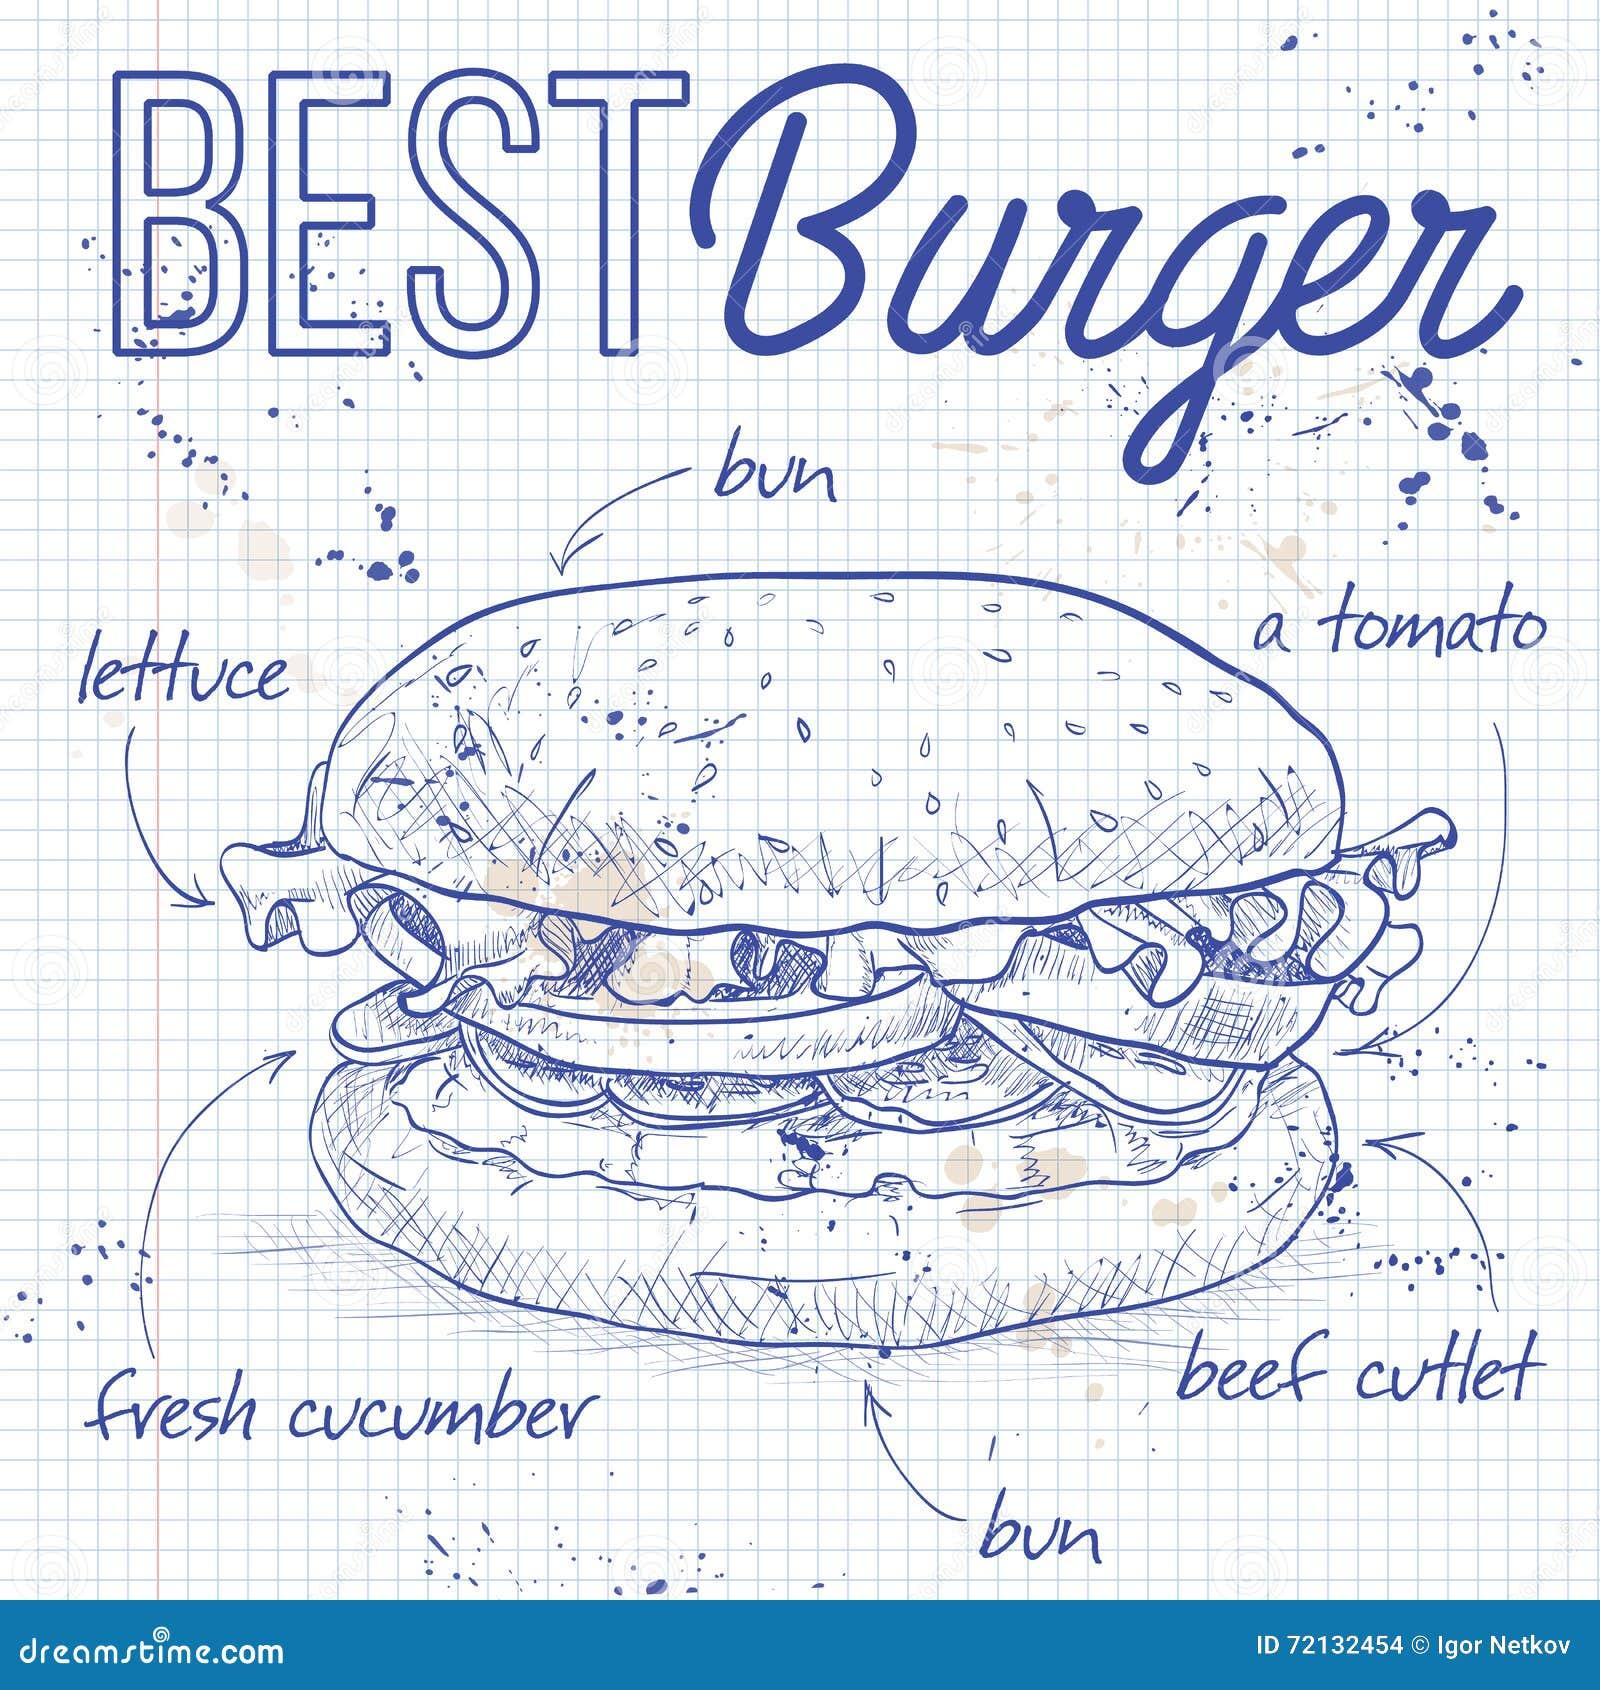 Hamburgerrecept op een notitieboekjepagina